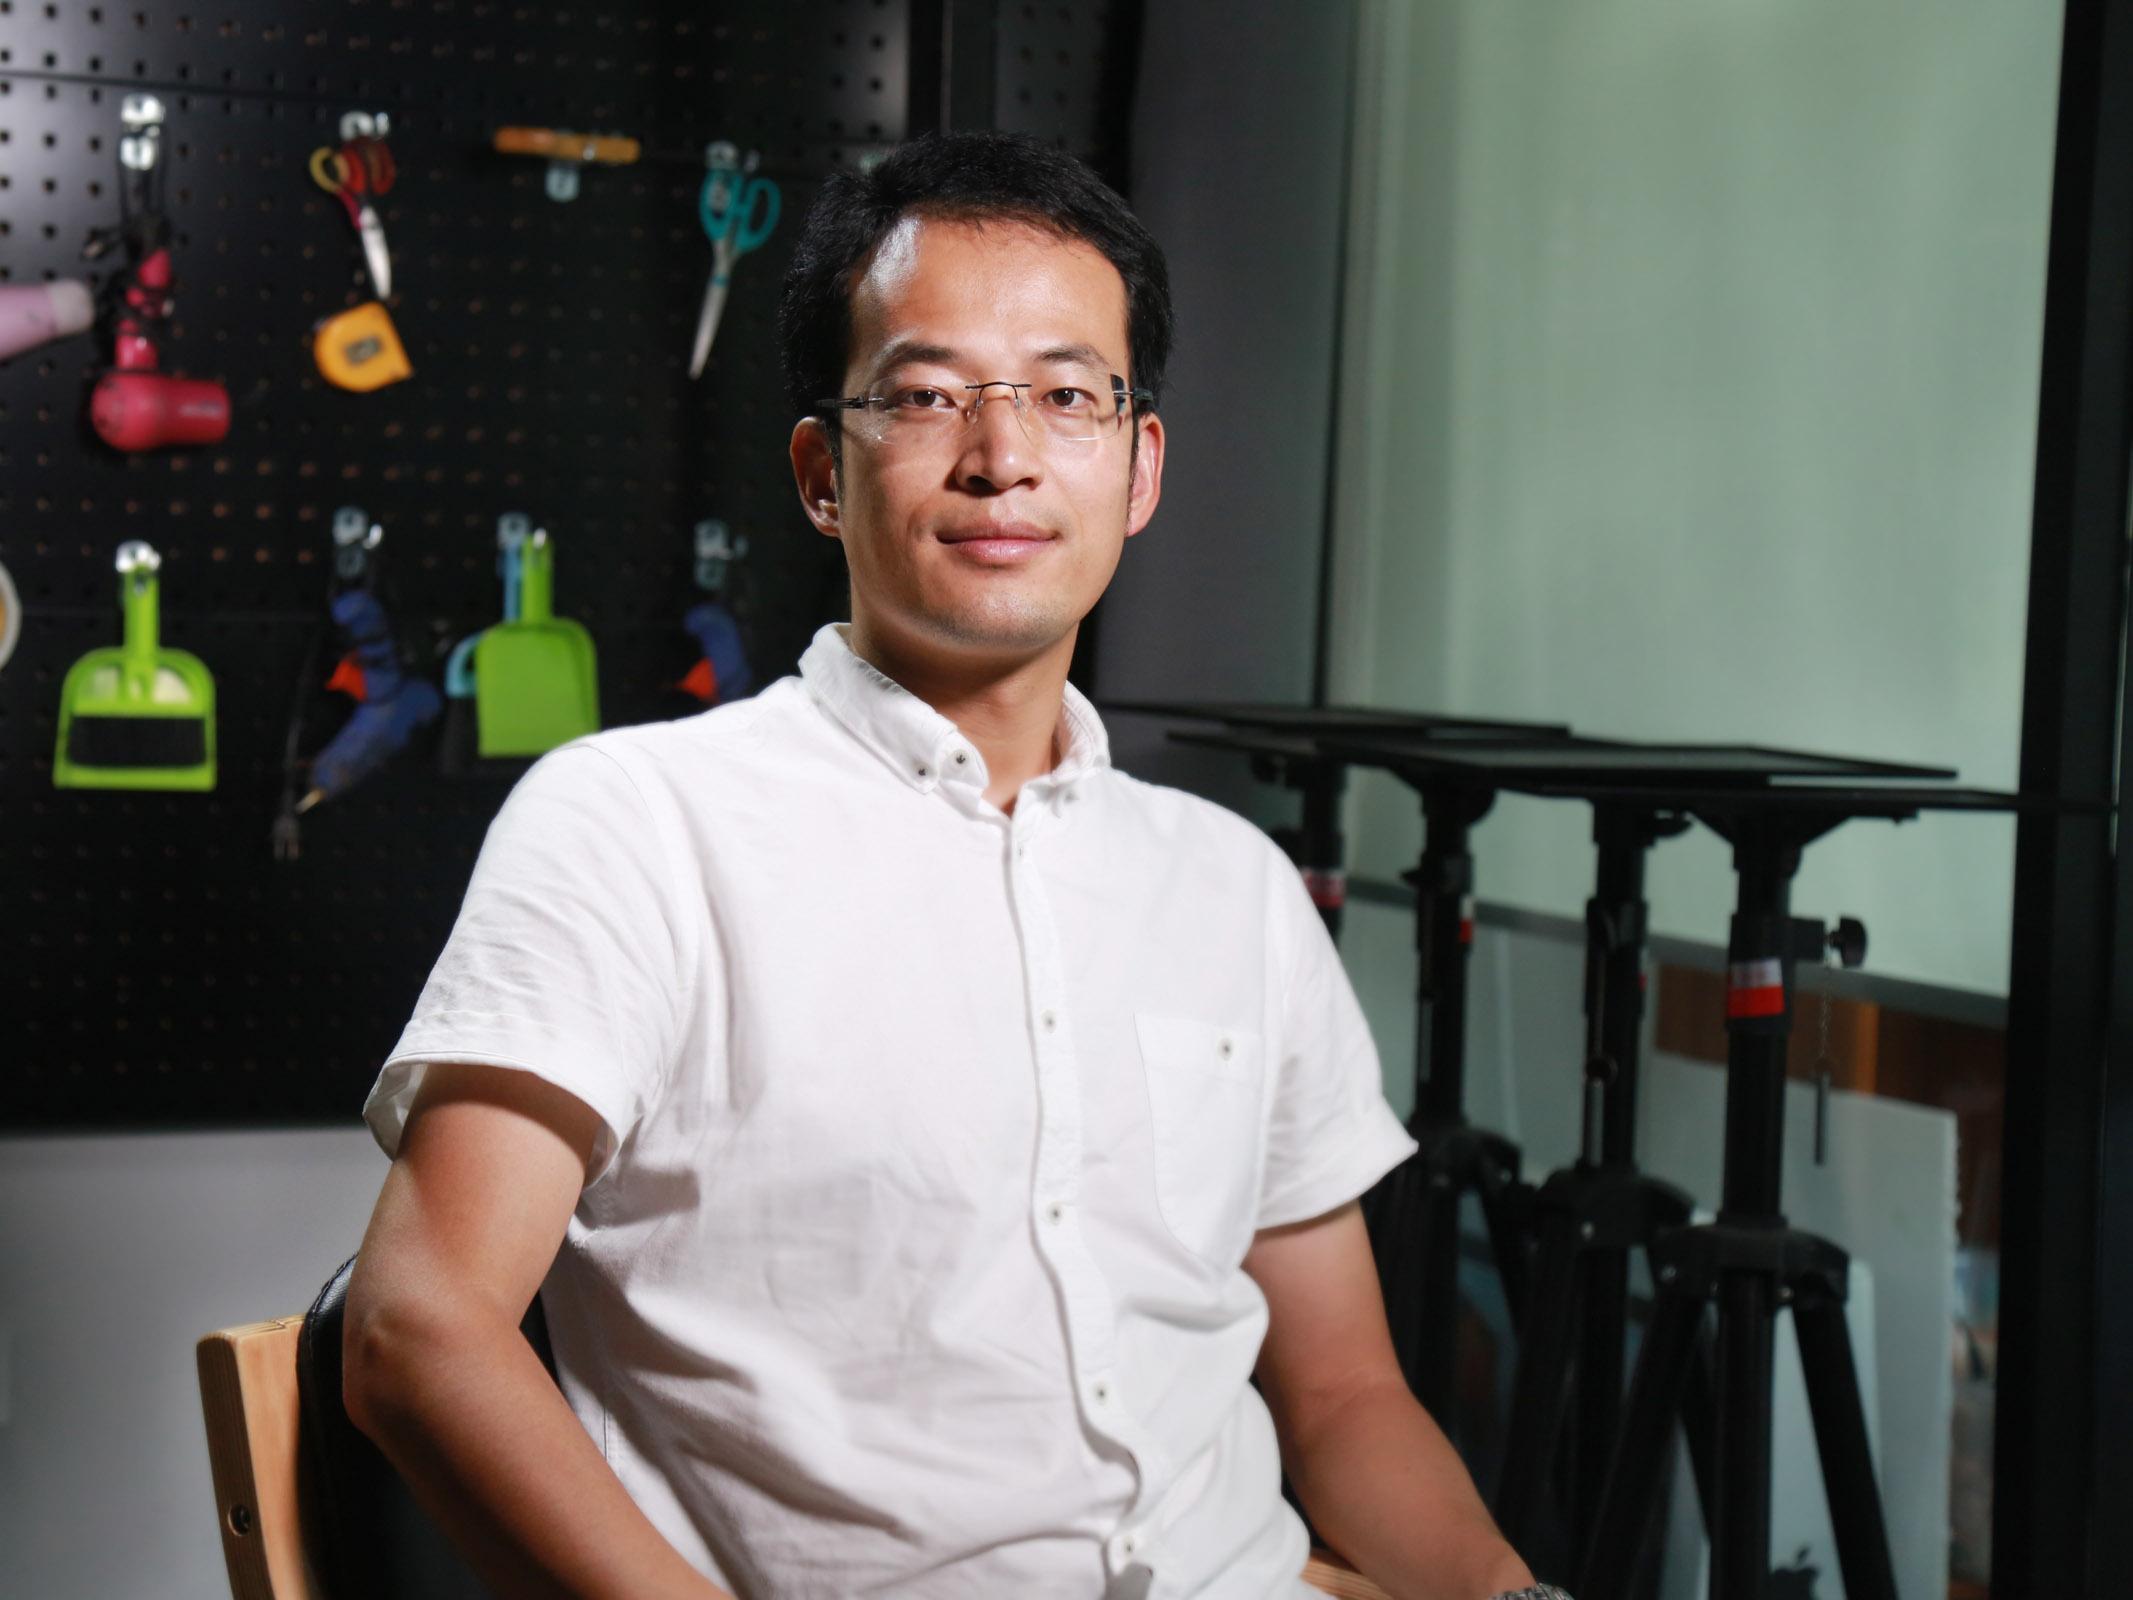 Wu Jun